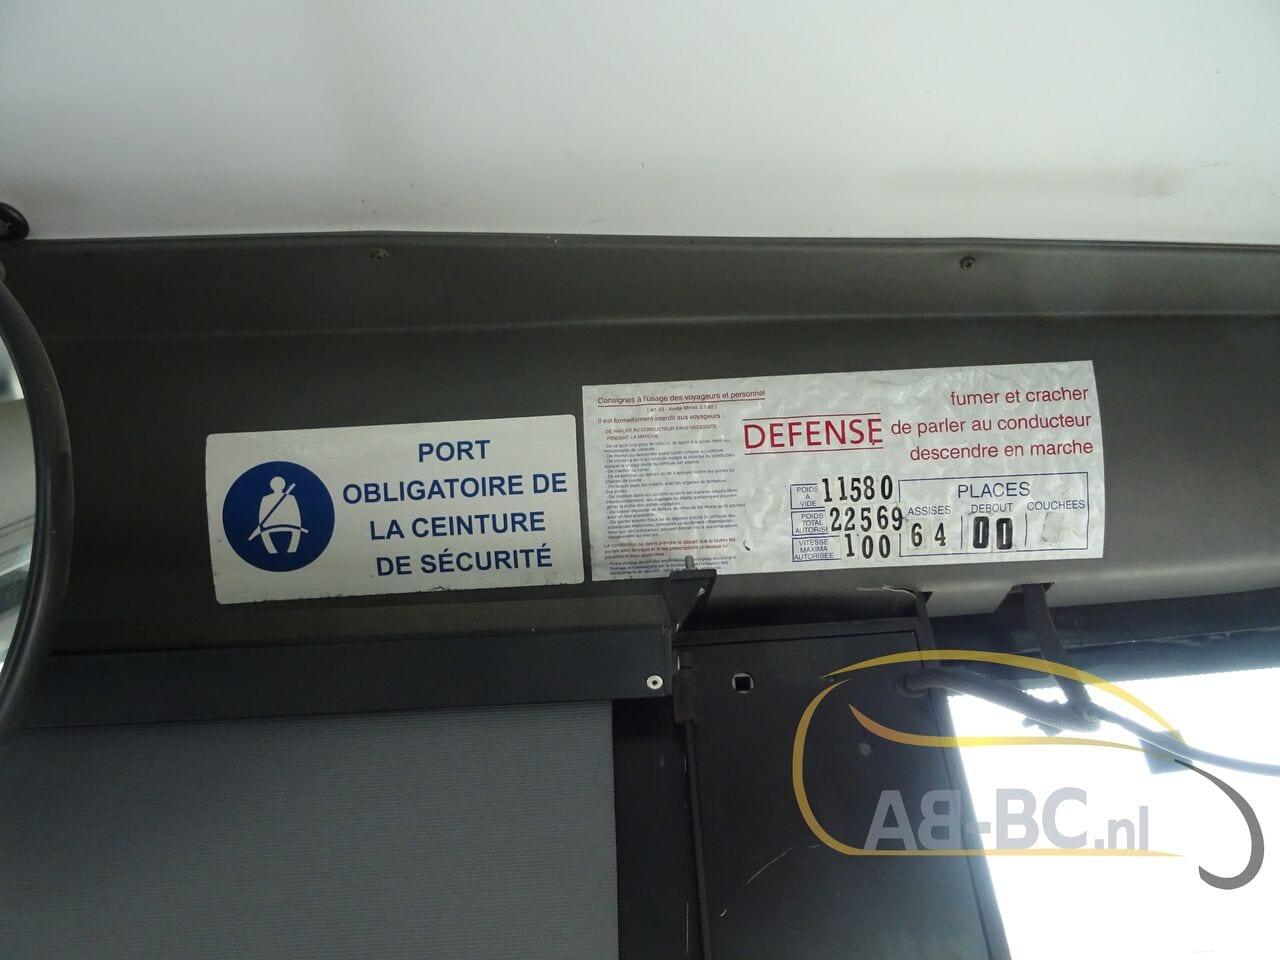 interurban-busMAN-Fast-64-seats---1619619928078454956_big_42552143b6a0c24b5db9ef24a6f31d77--21042817163019598600